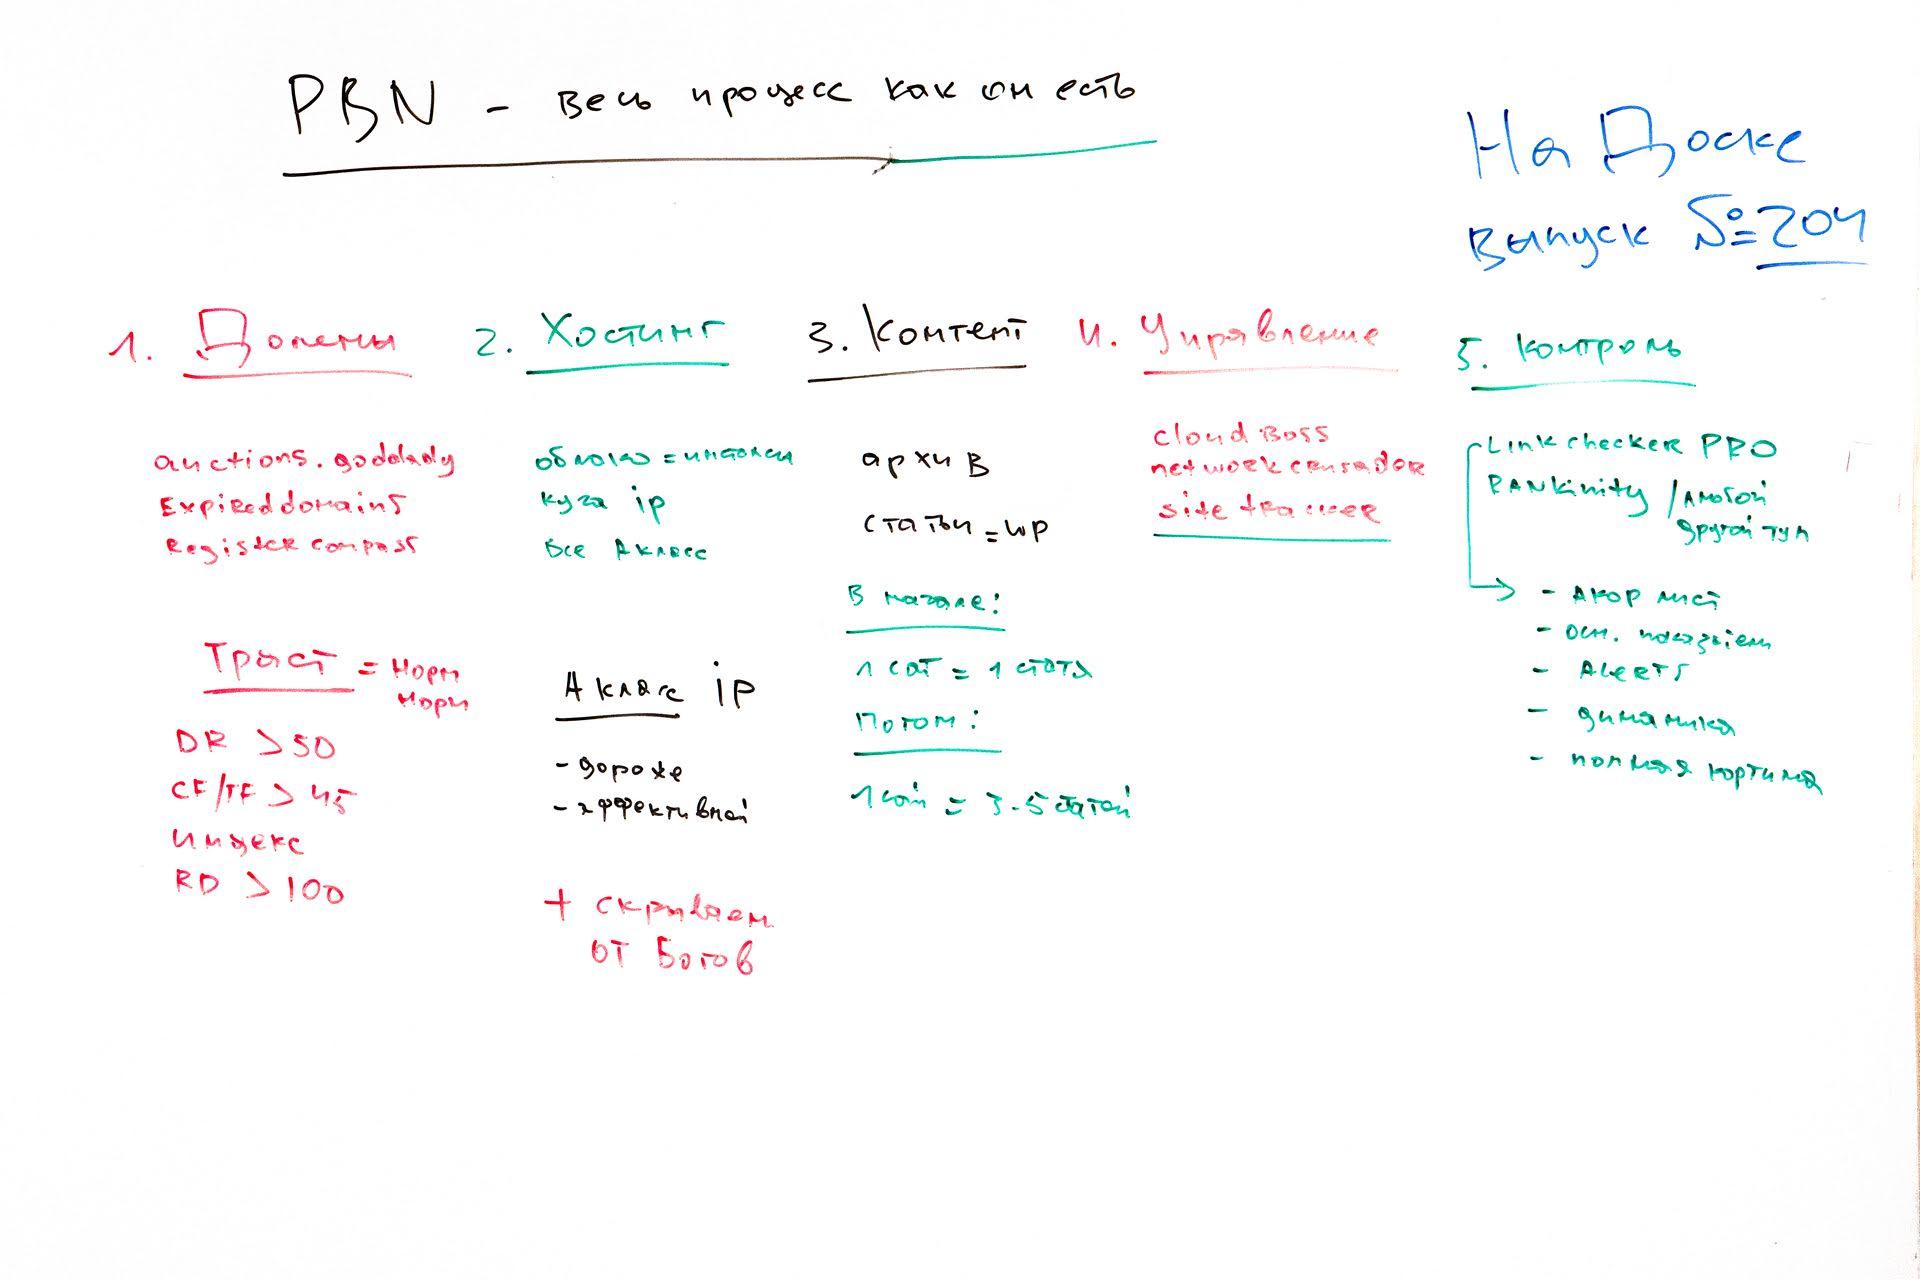 PBN - процесс, как он есть - На Доске - выпуск № 204